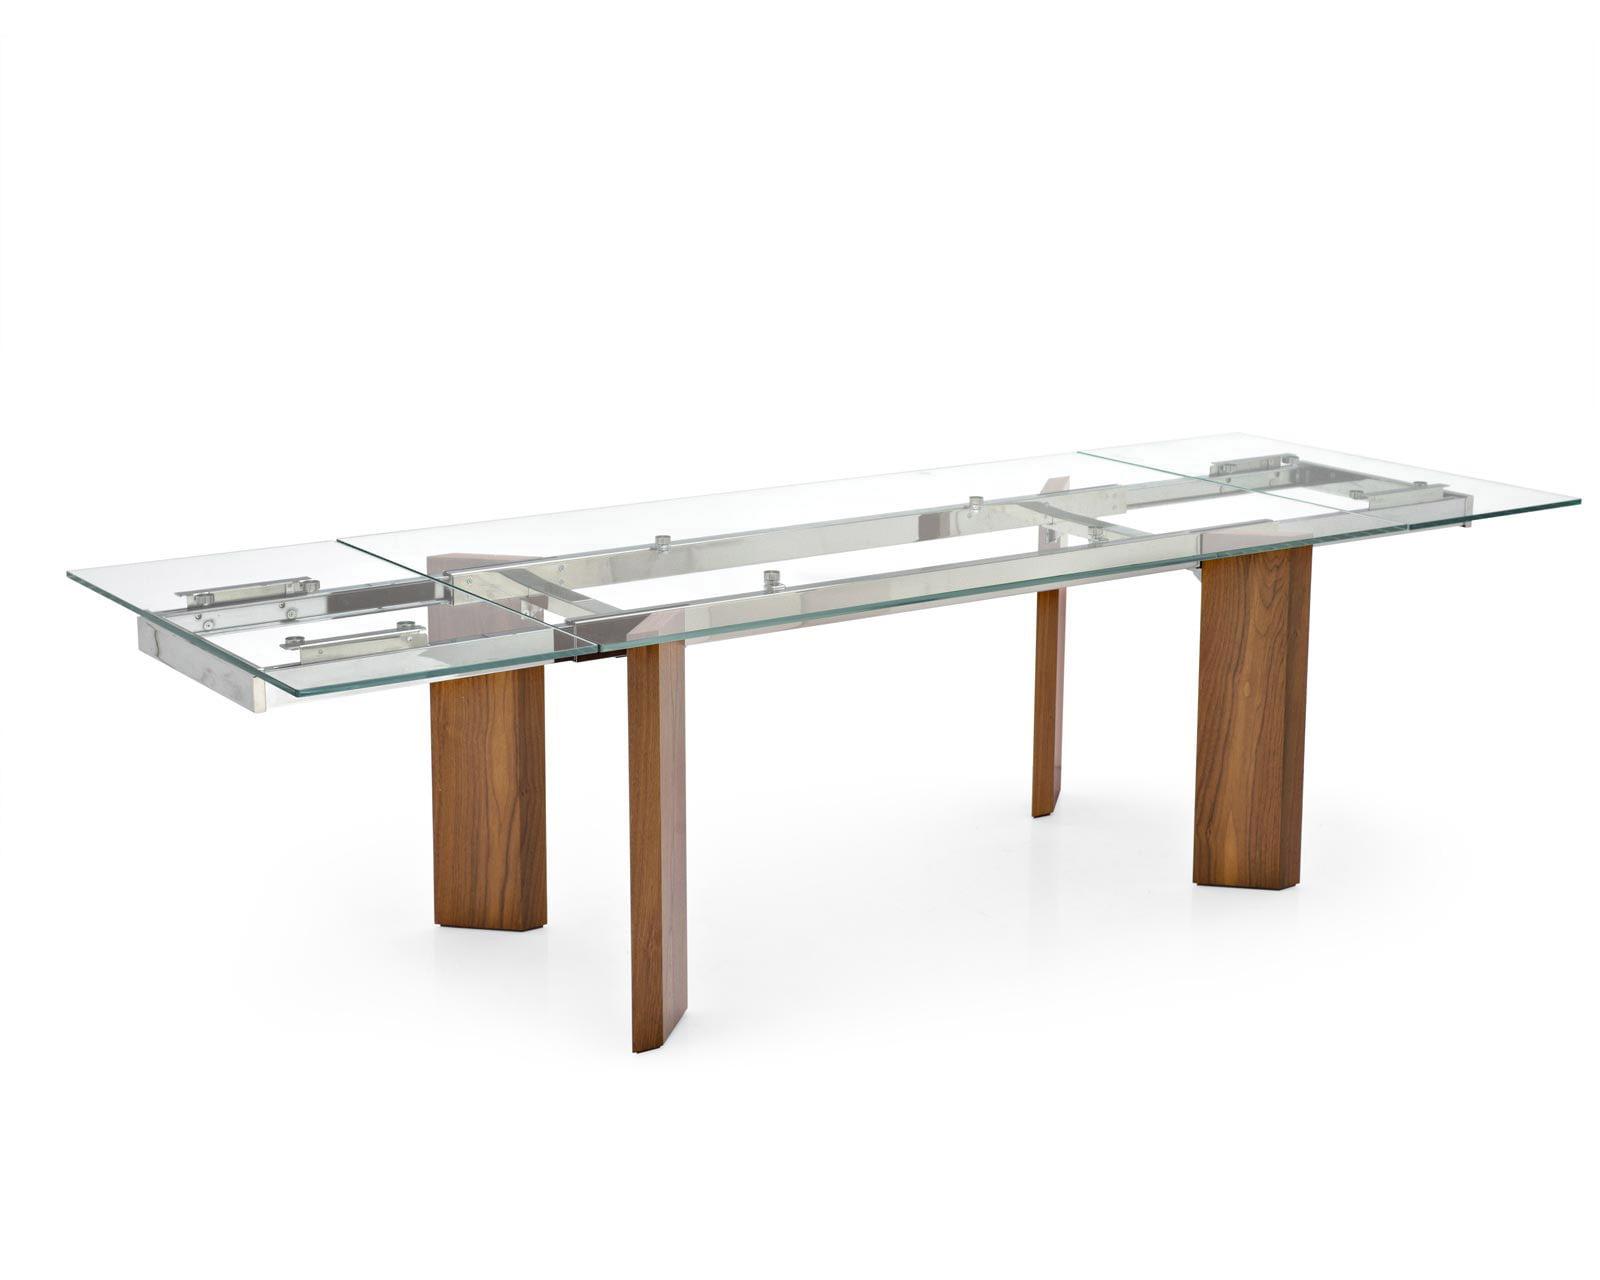 Tavolo Cristallo In Vetro.Tower Expandable Table Avanti Furniture